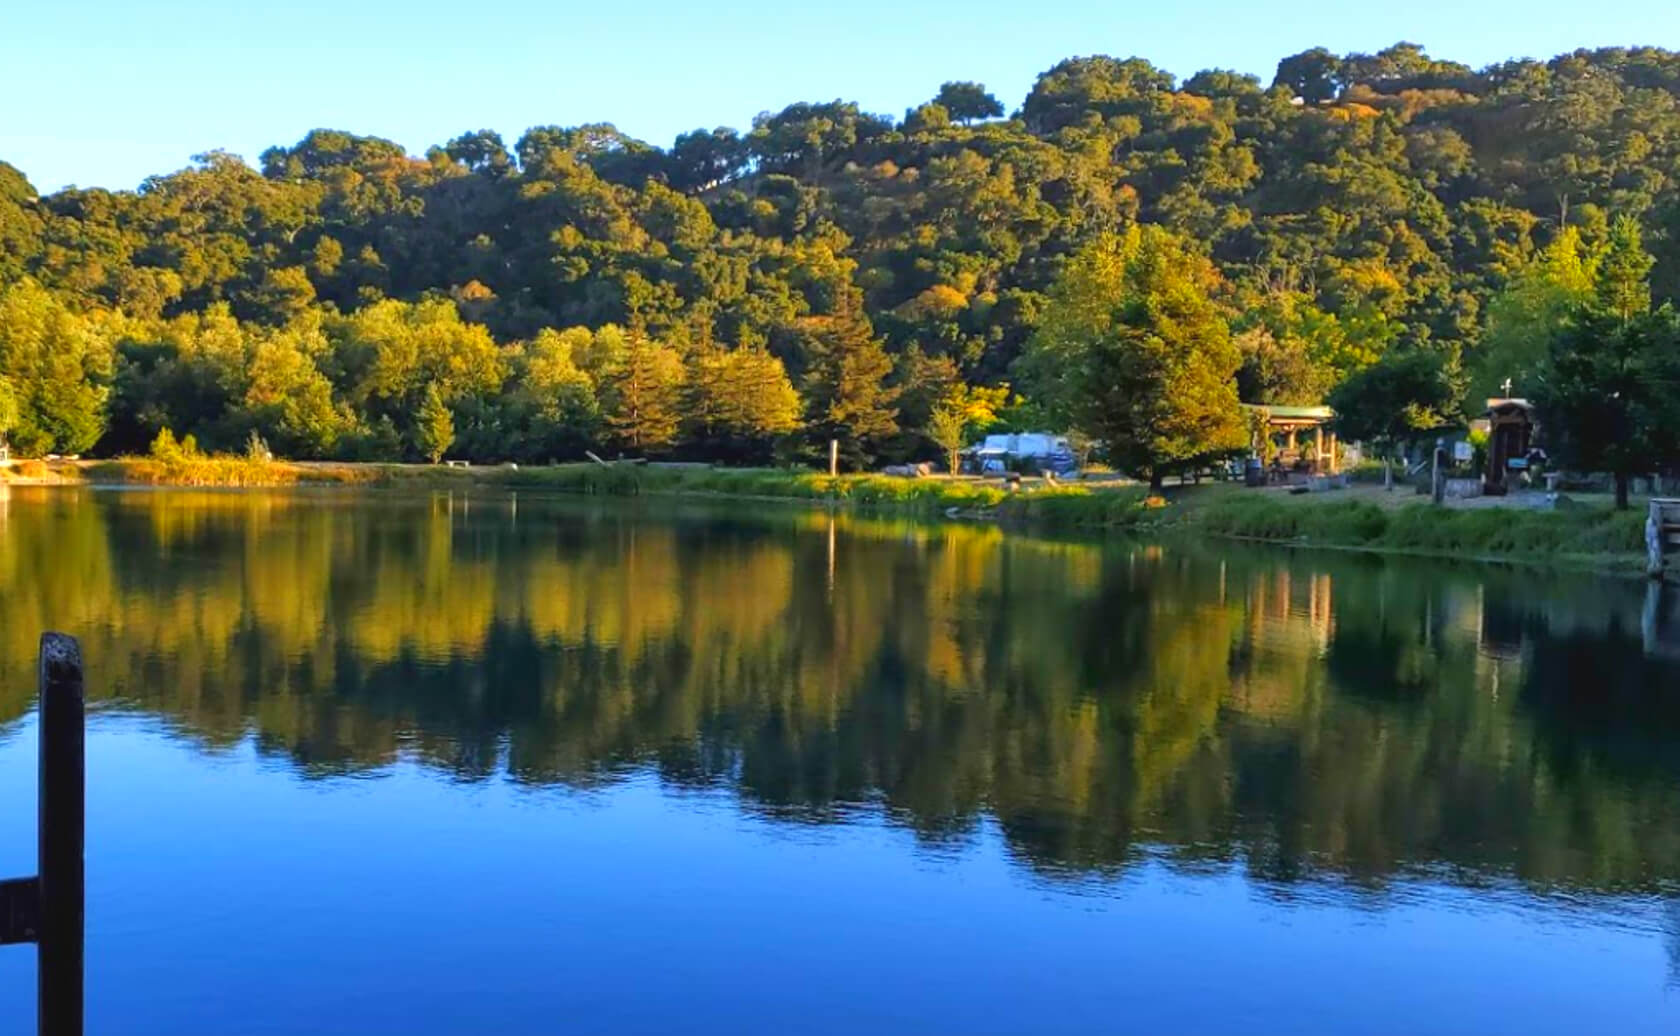 McAlpine-Lake-fishing-guide-report-San-Juan-Bautista-ca-02